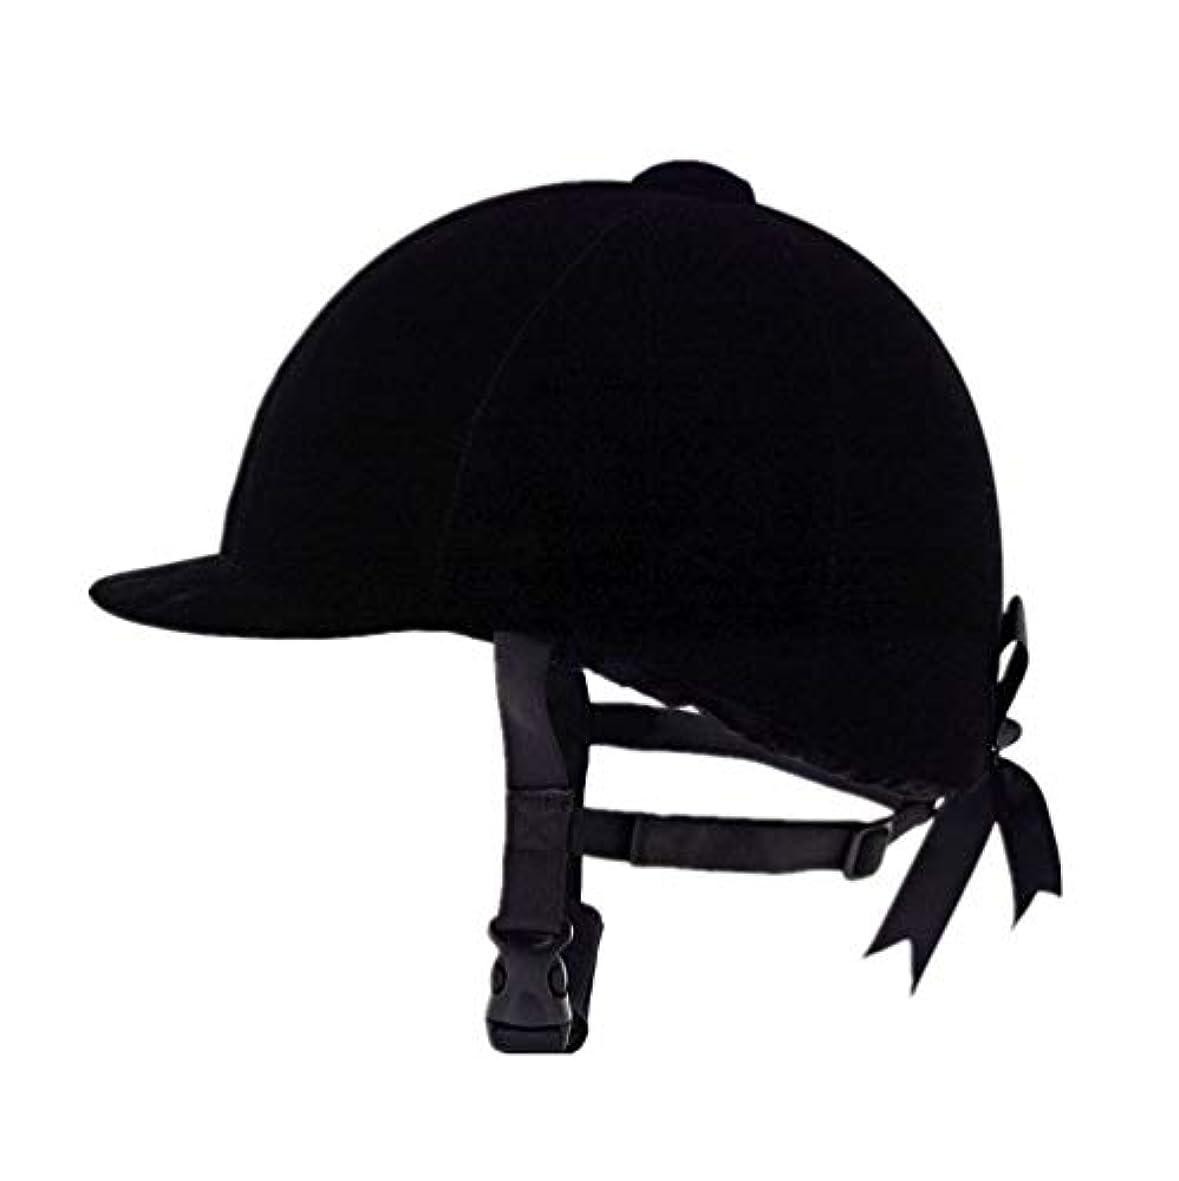 懲戒糸小麦乗馬用帽子快適なベルベットの乗馬用帽子 乗馬用ヘルメットブラック